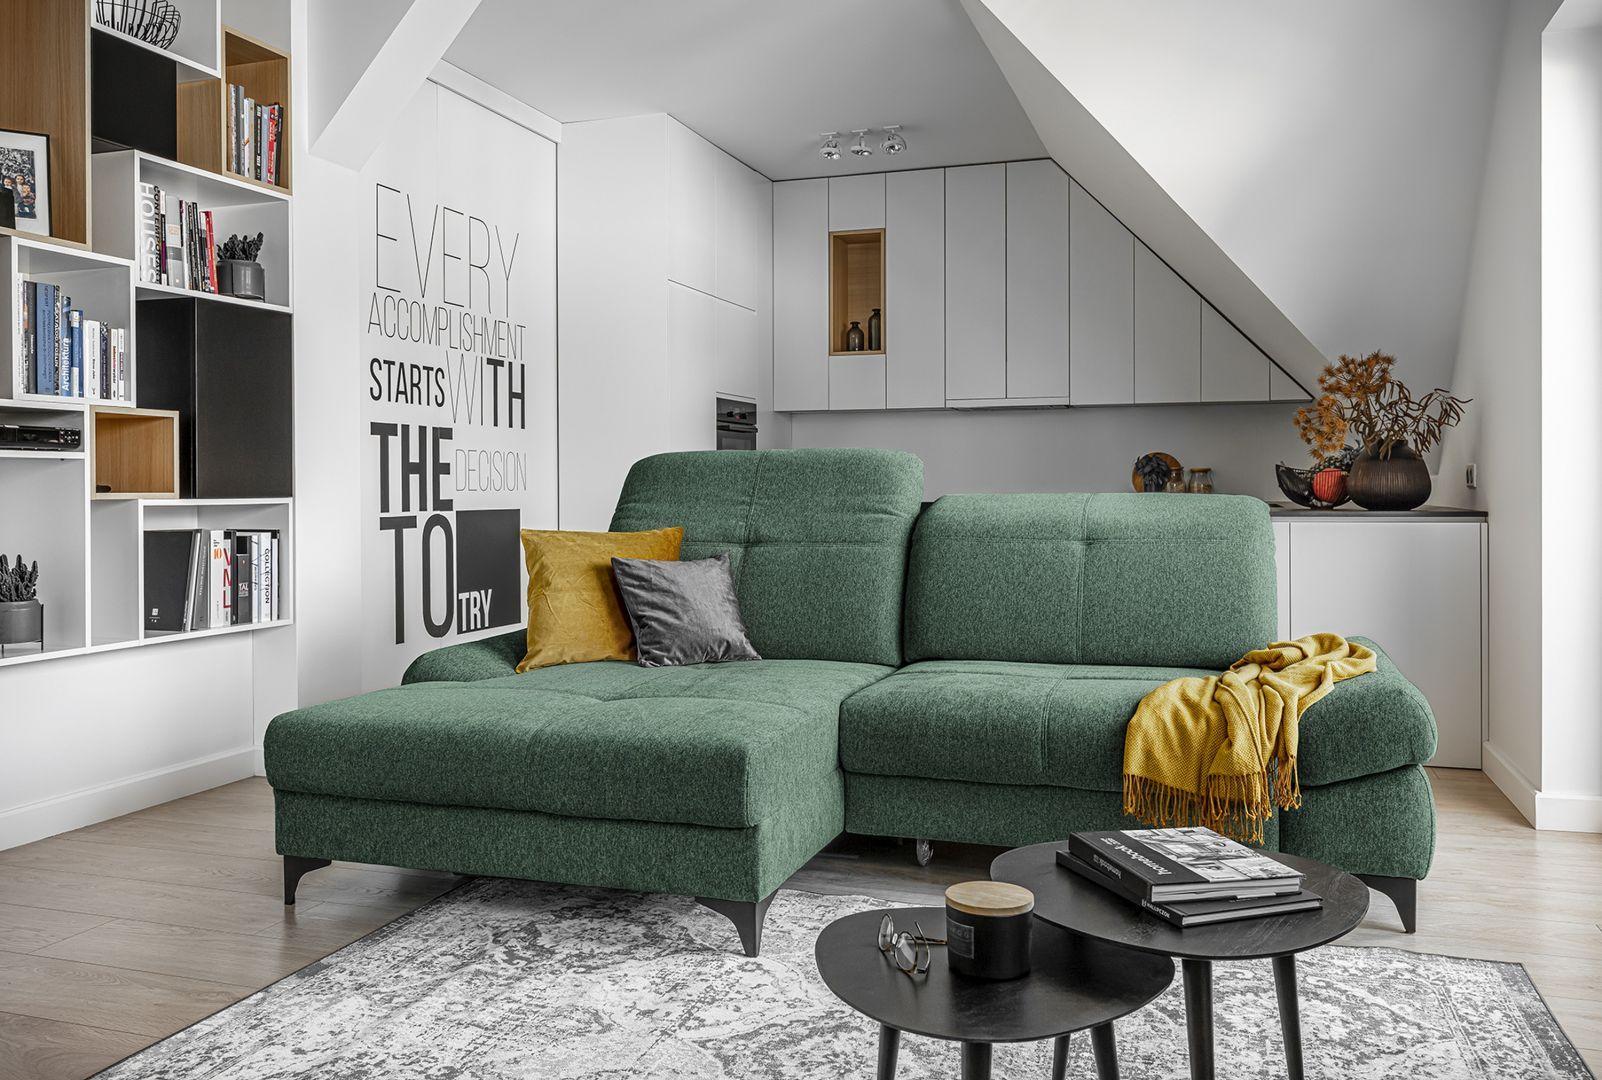 Sofa z kolekcji Carmen dostępna w ofercie firmy Meble Wajnert. Producent: Meble Wajnert